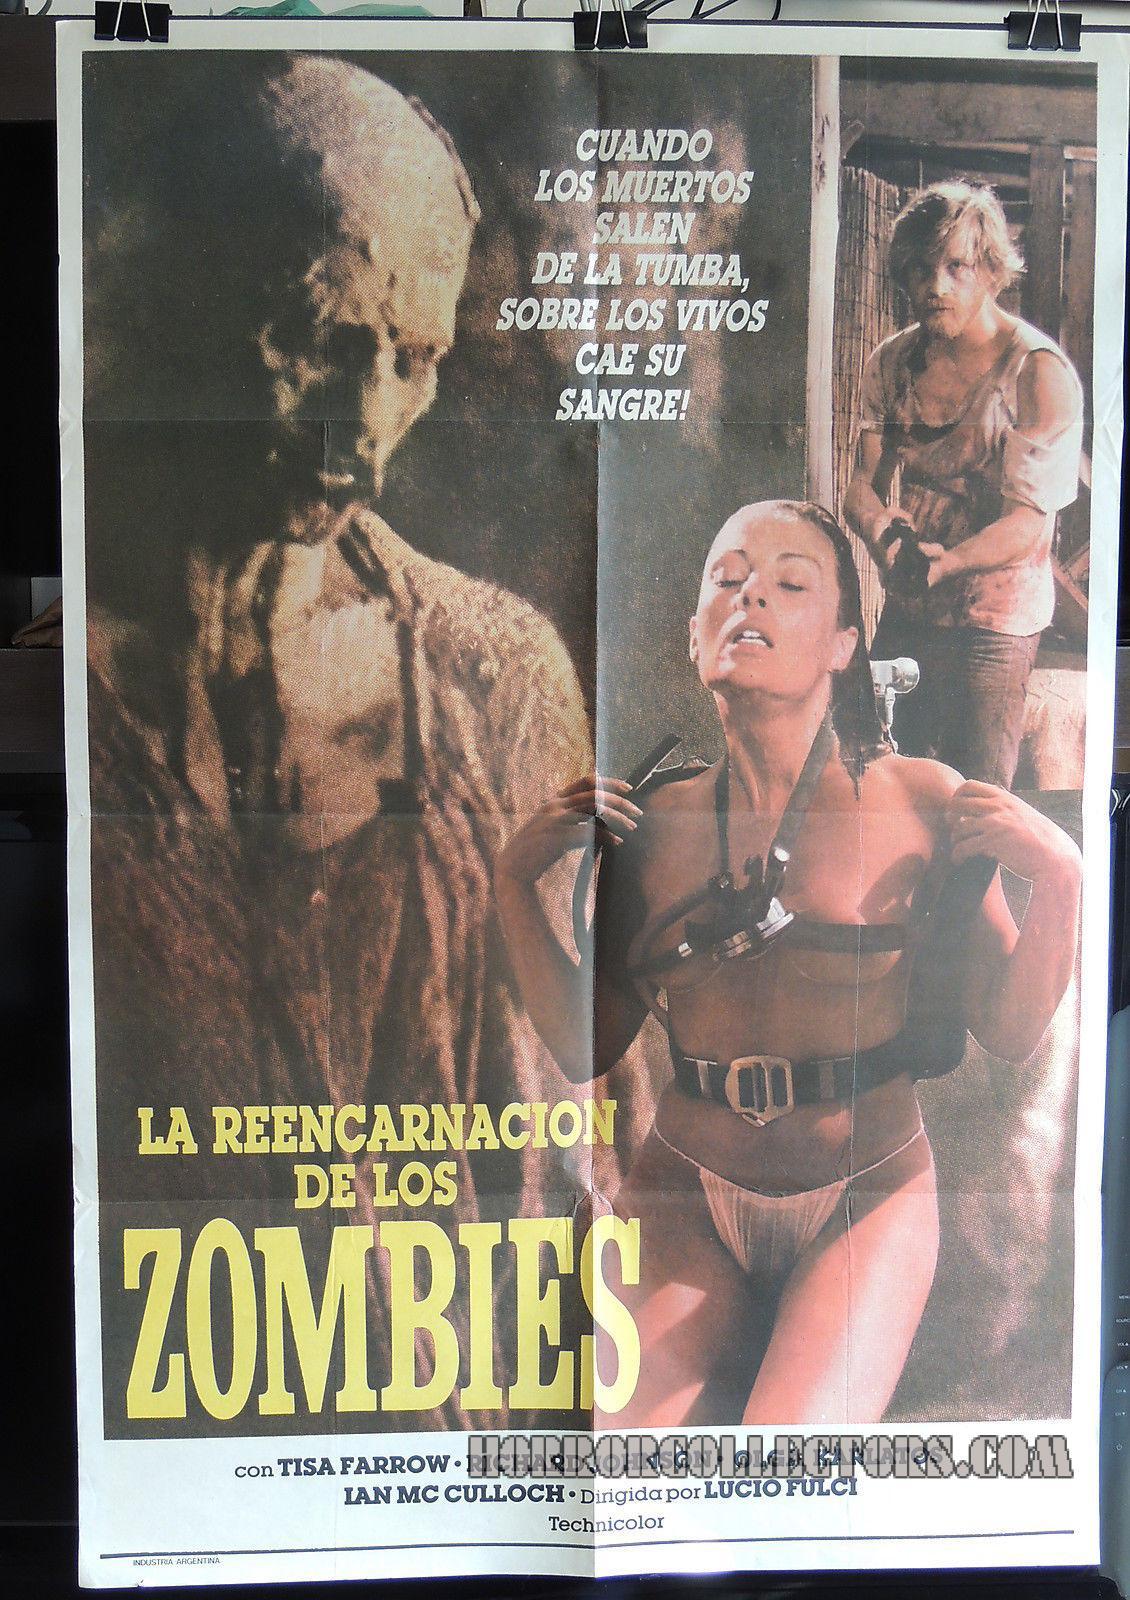 Zombie La Reencarnacion De Los Zombies Lucio Fulci Argentine Poster